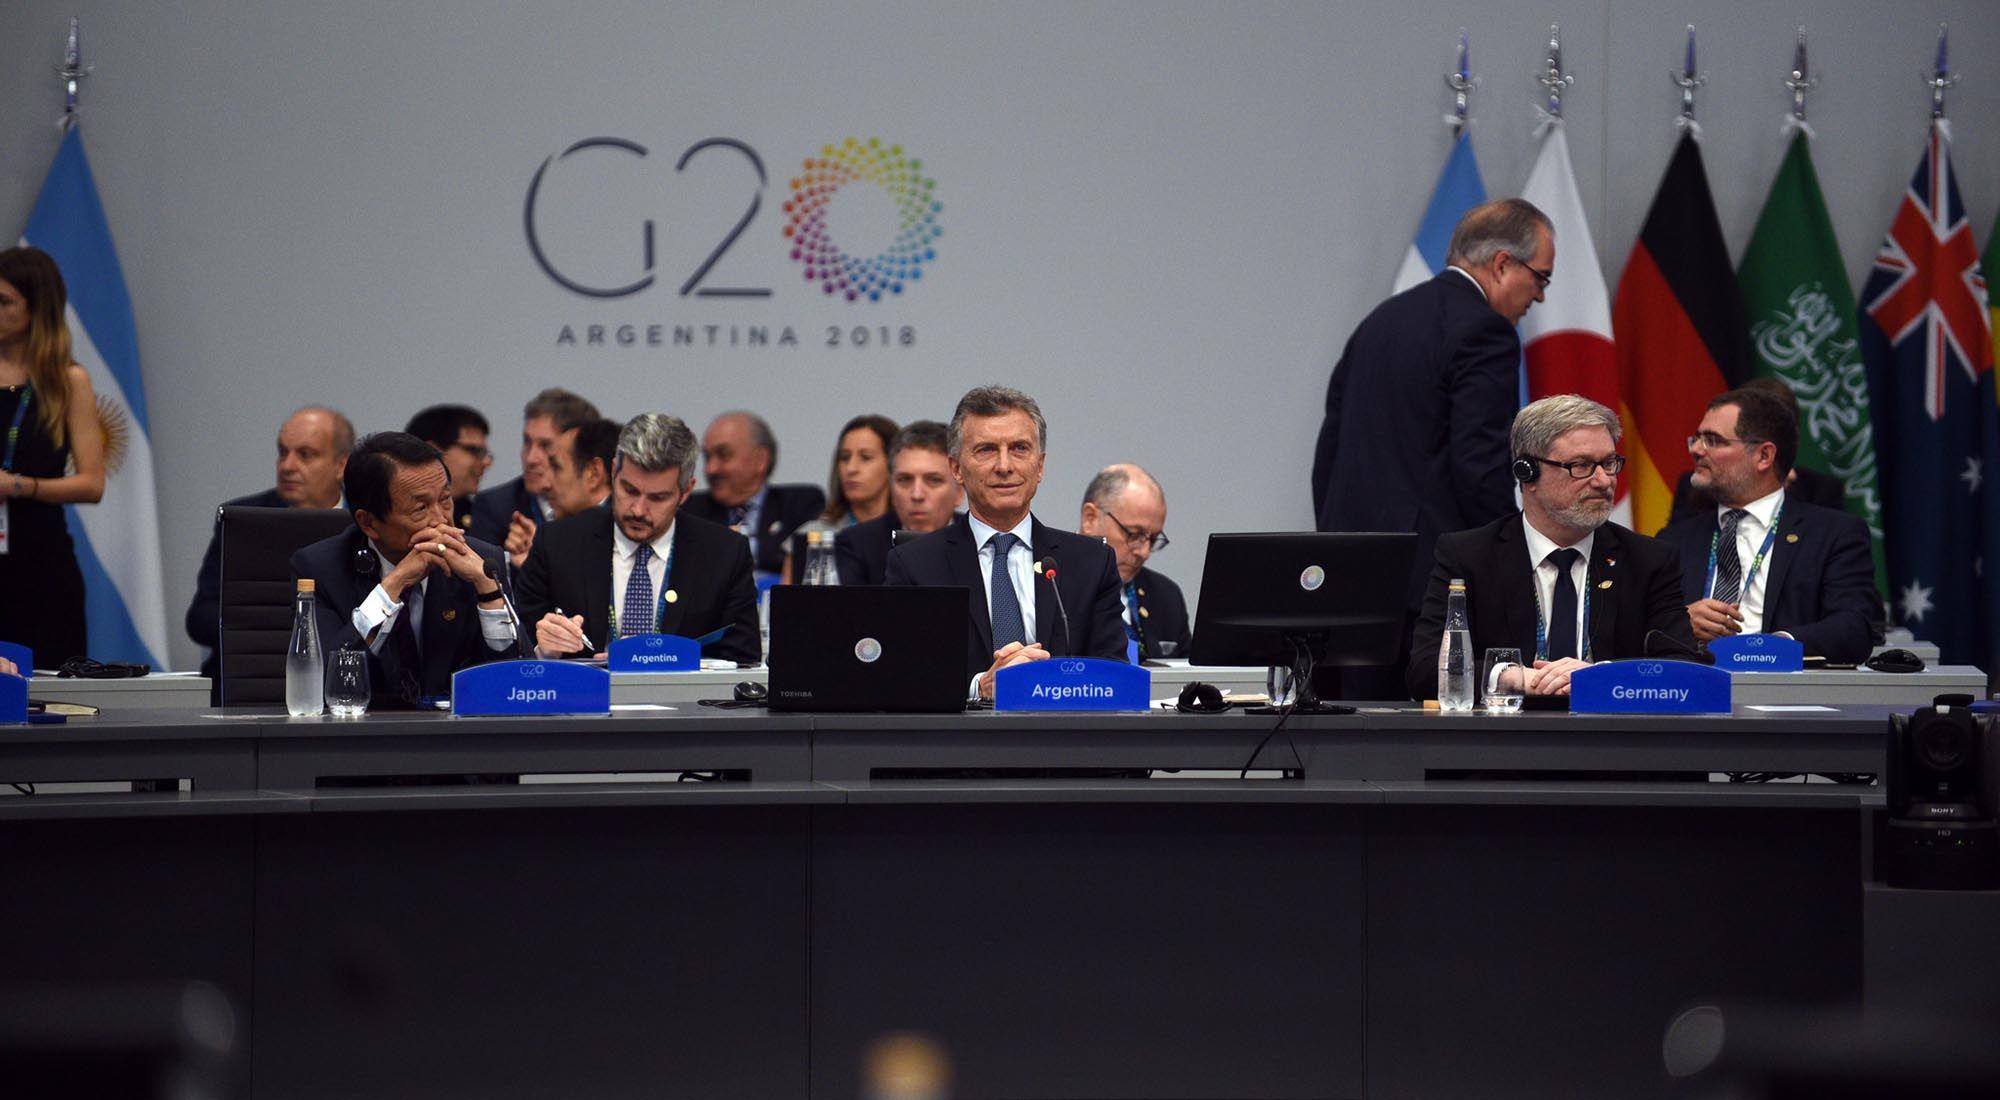 El presidente Mauricio Macri en la apertura de sesiones del G20 en Bs.As.